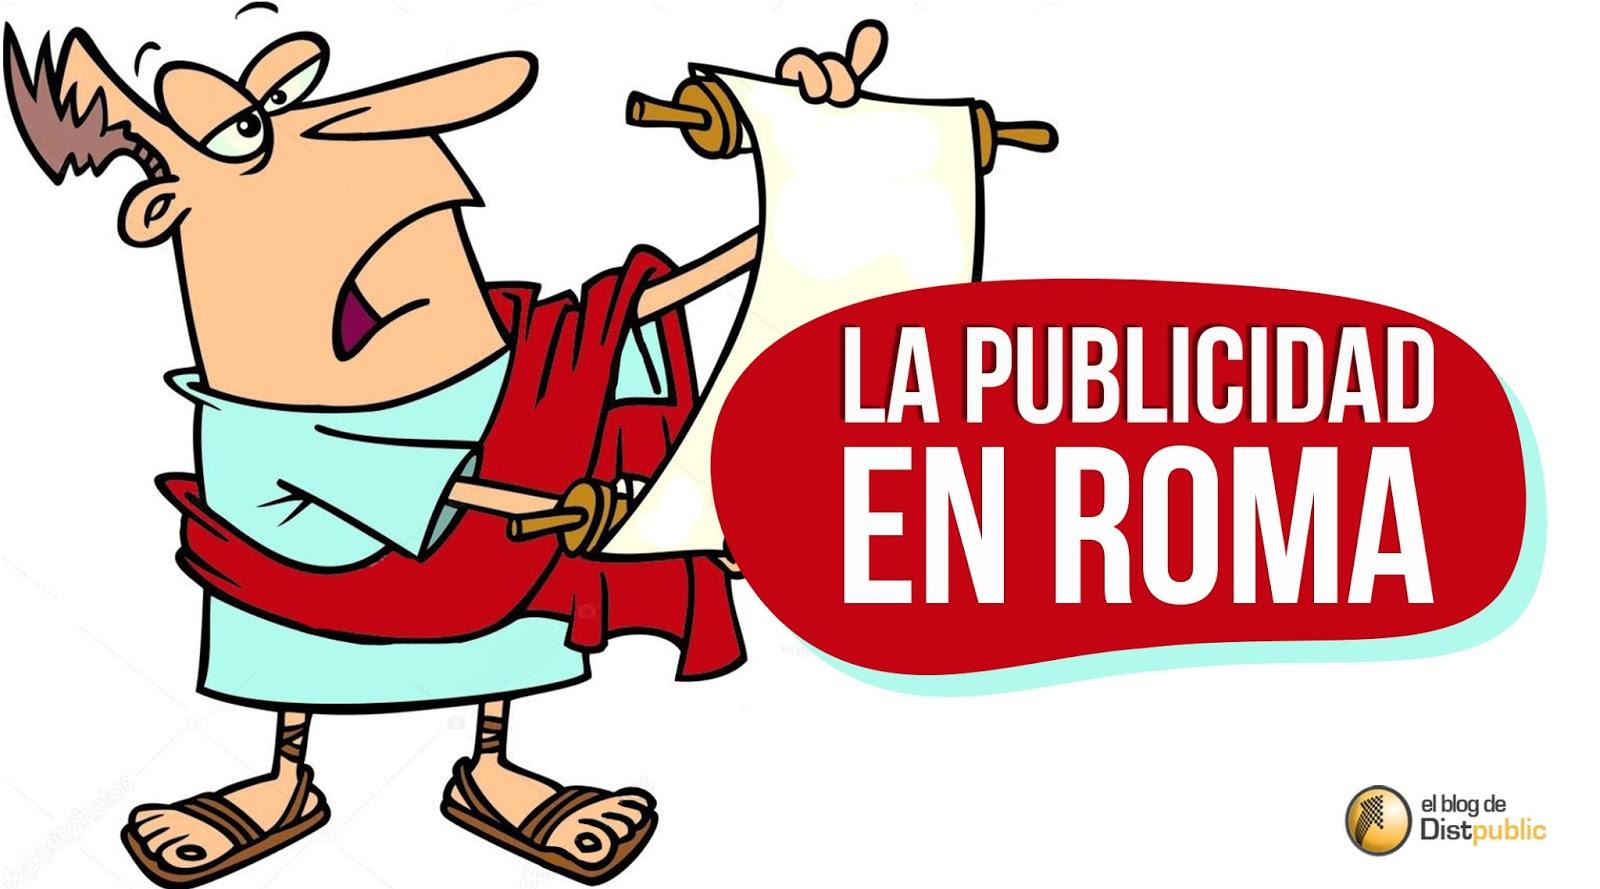 Historia de la publicidad: La publicidad en Roma